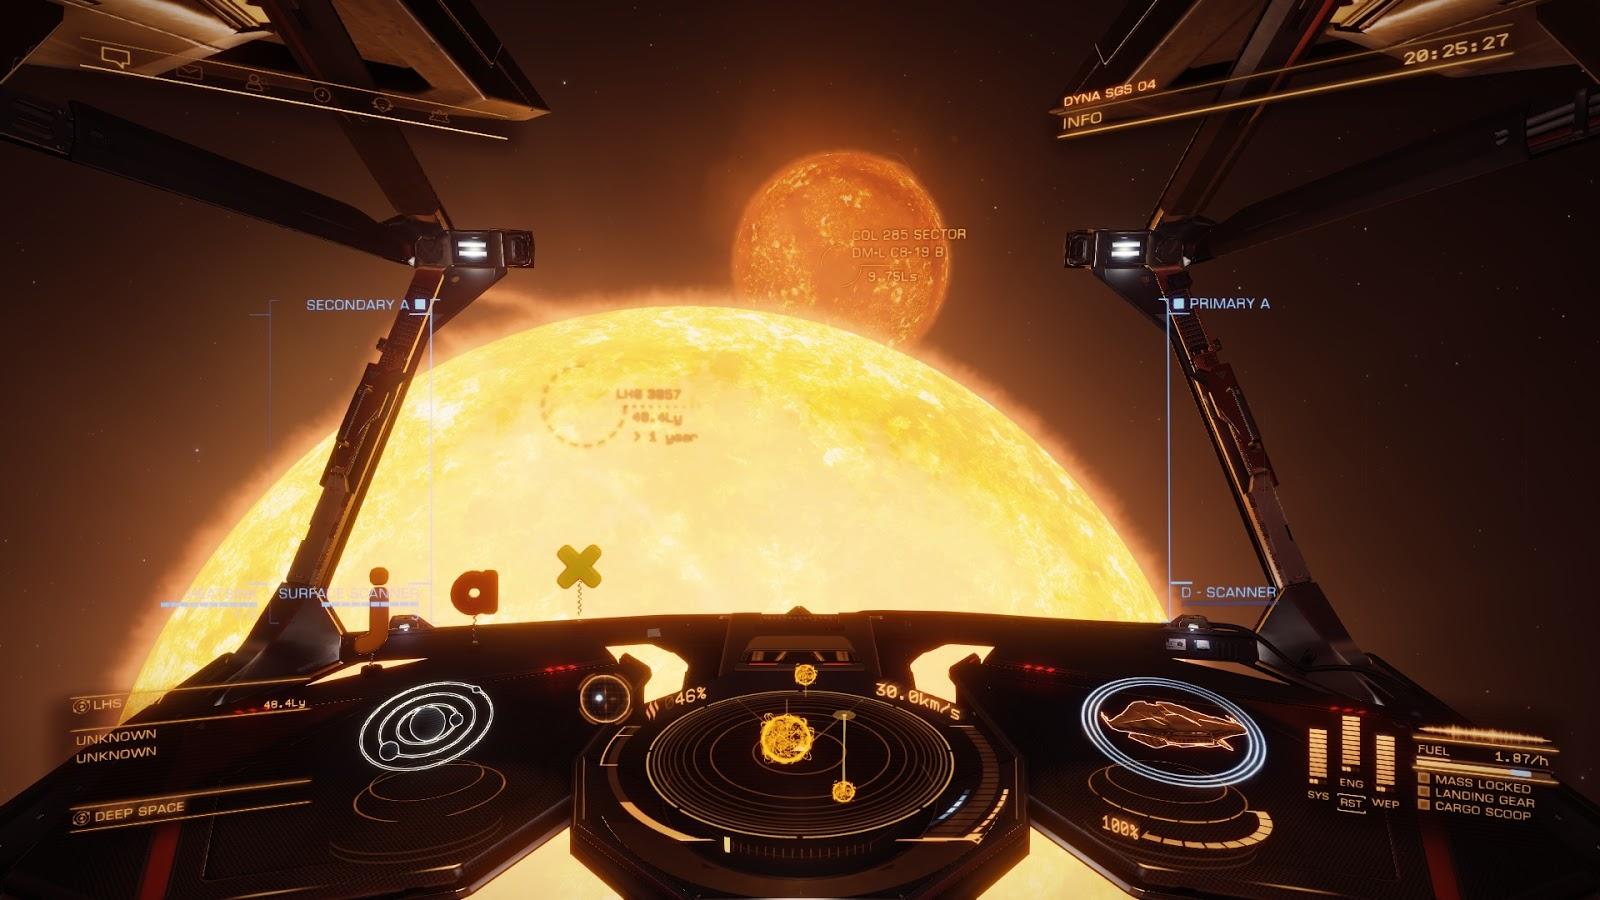 Kettőscsillag az űrhajóm cokcpit-jából nézve.